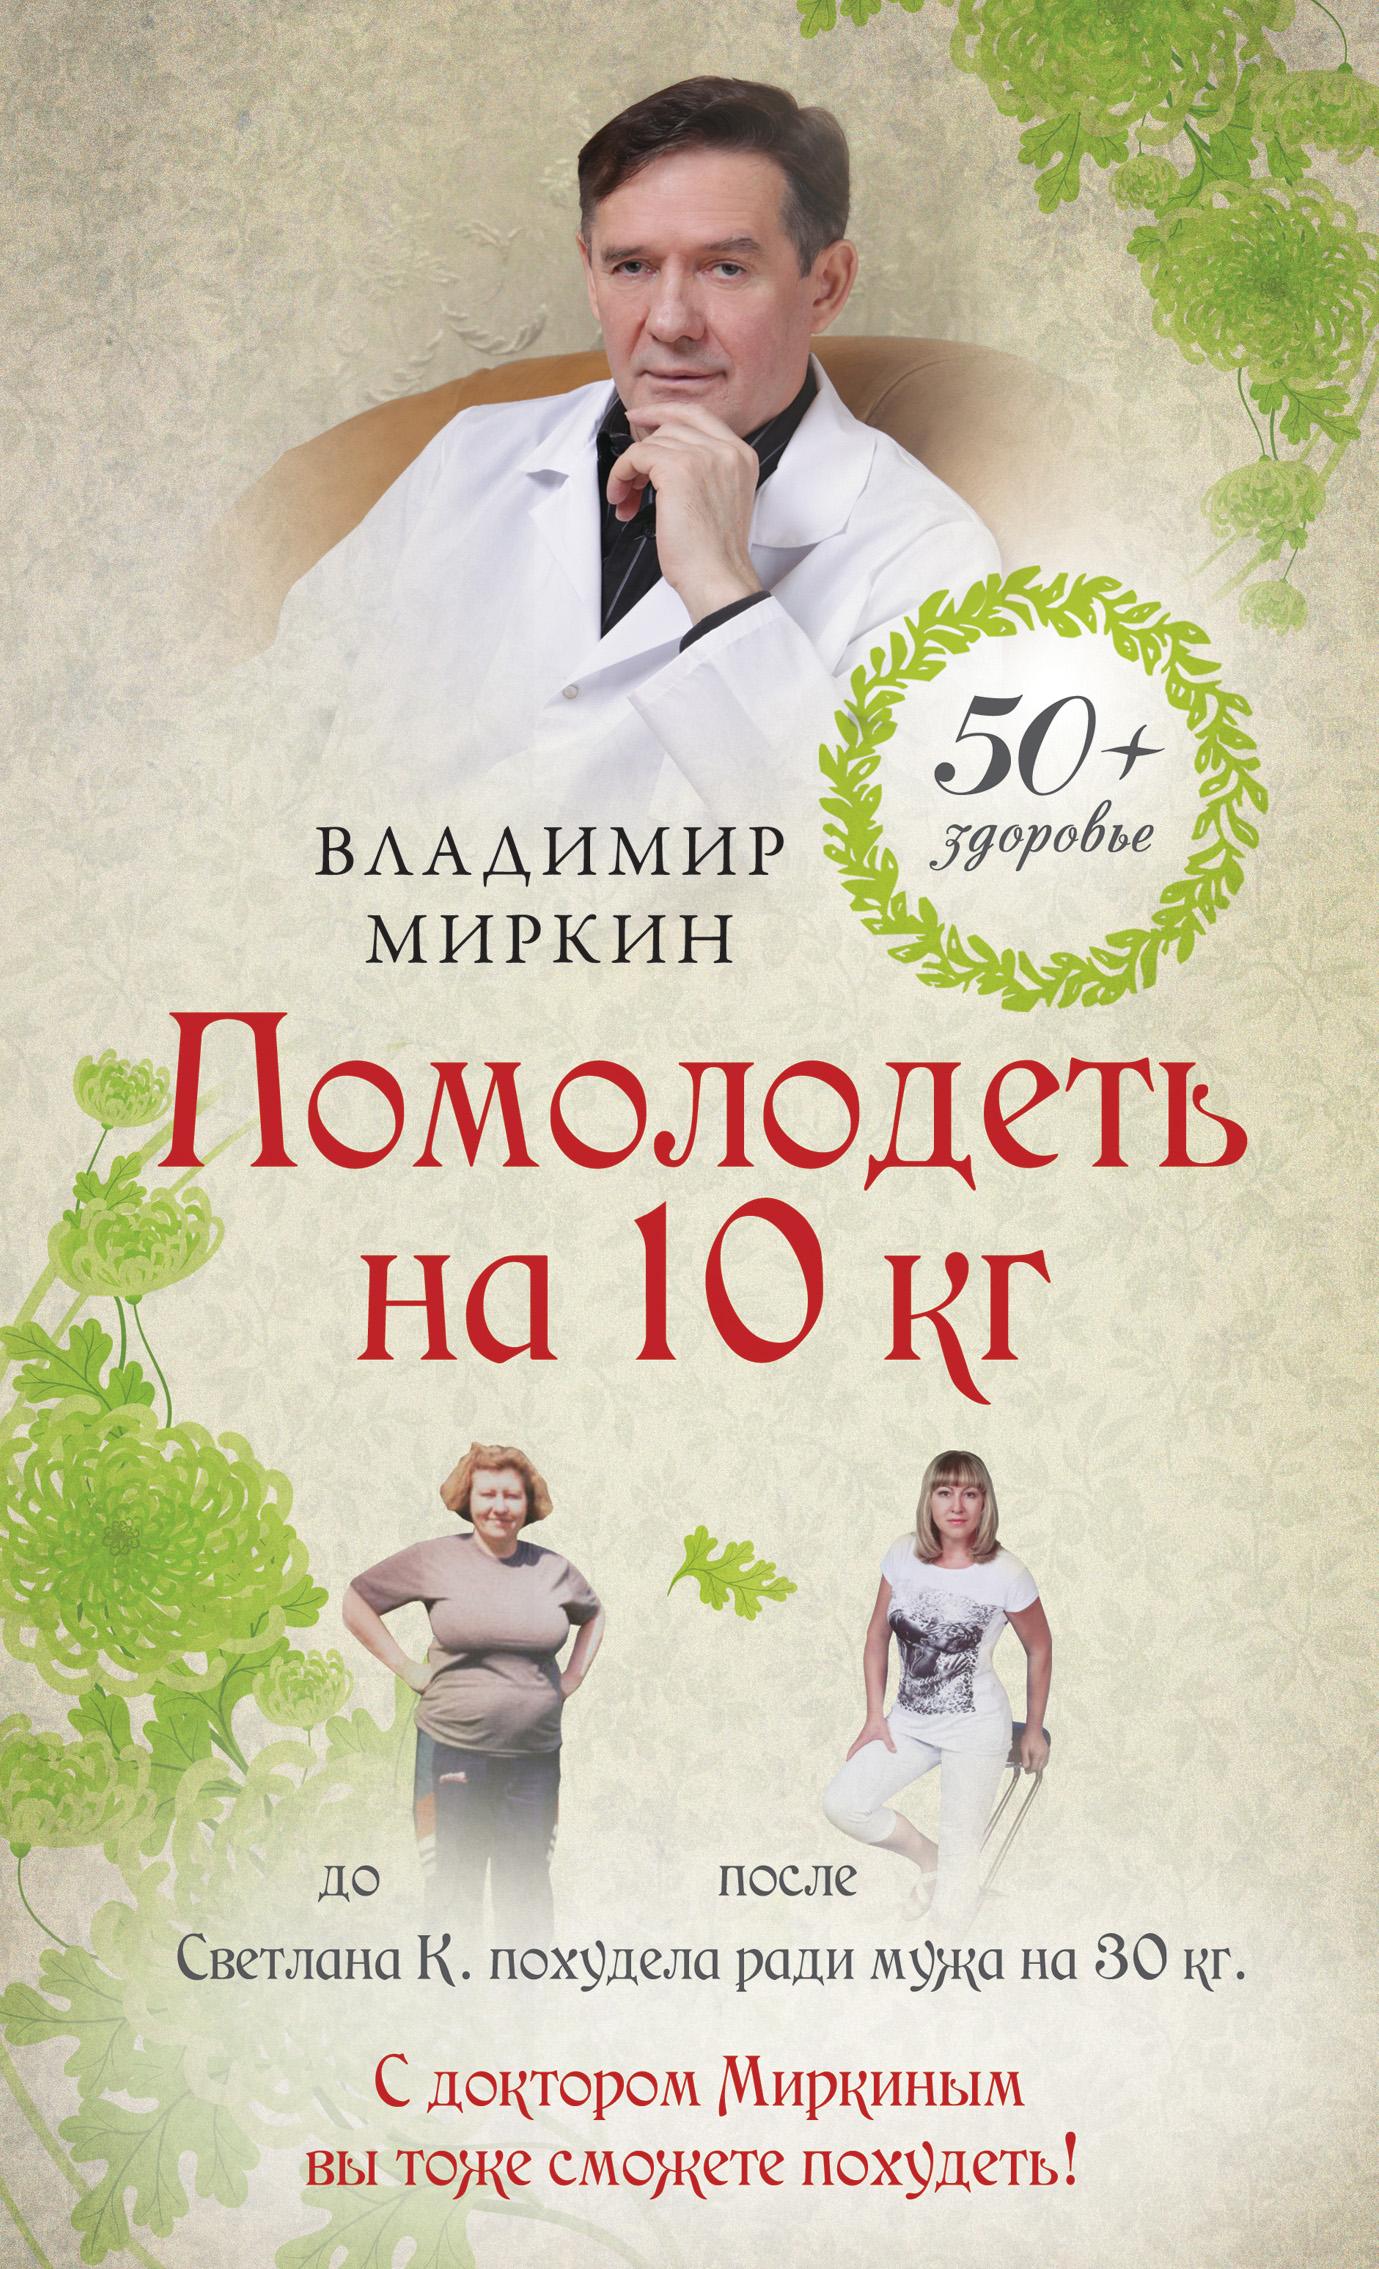 Екатерина маслова, уникальная #diet_программа: 5 рационов; 125.